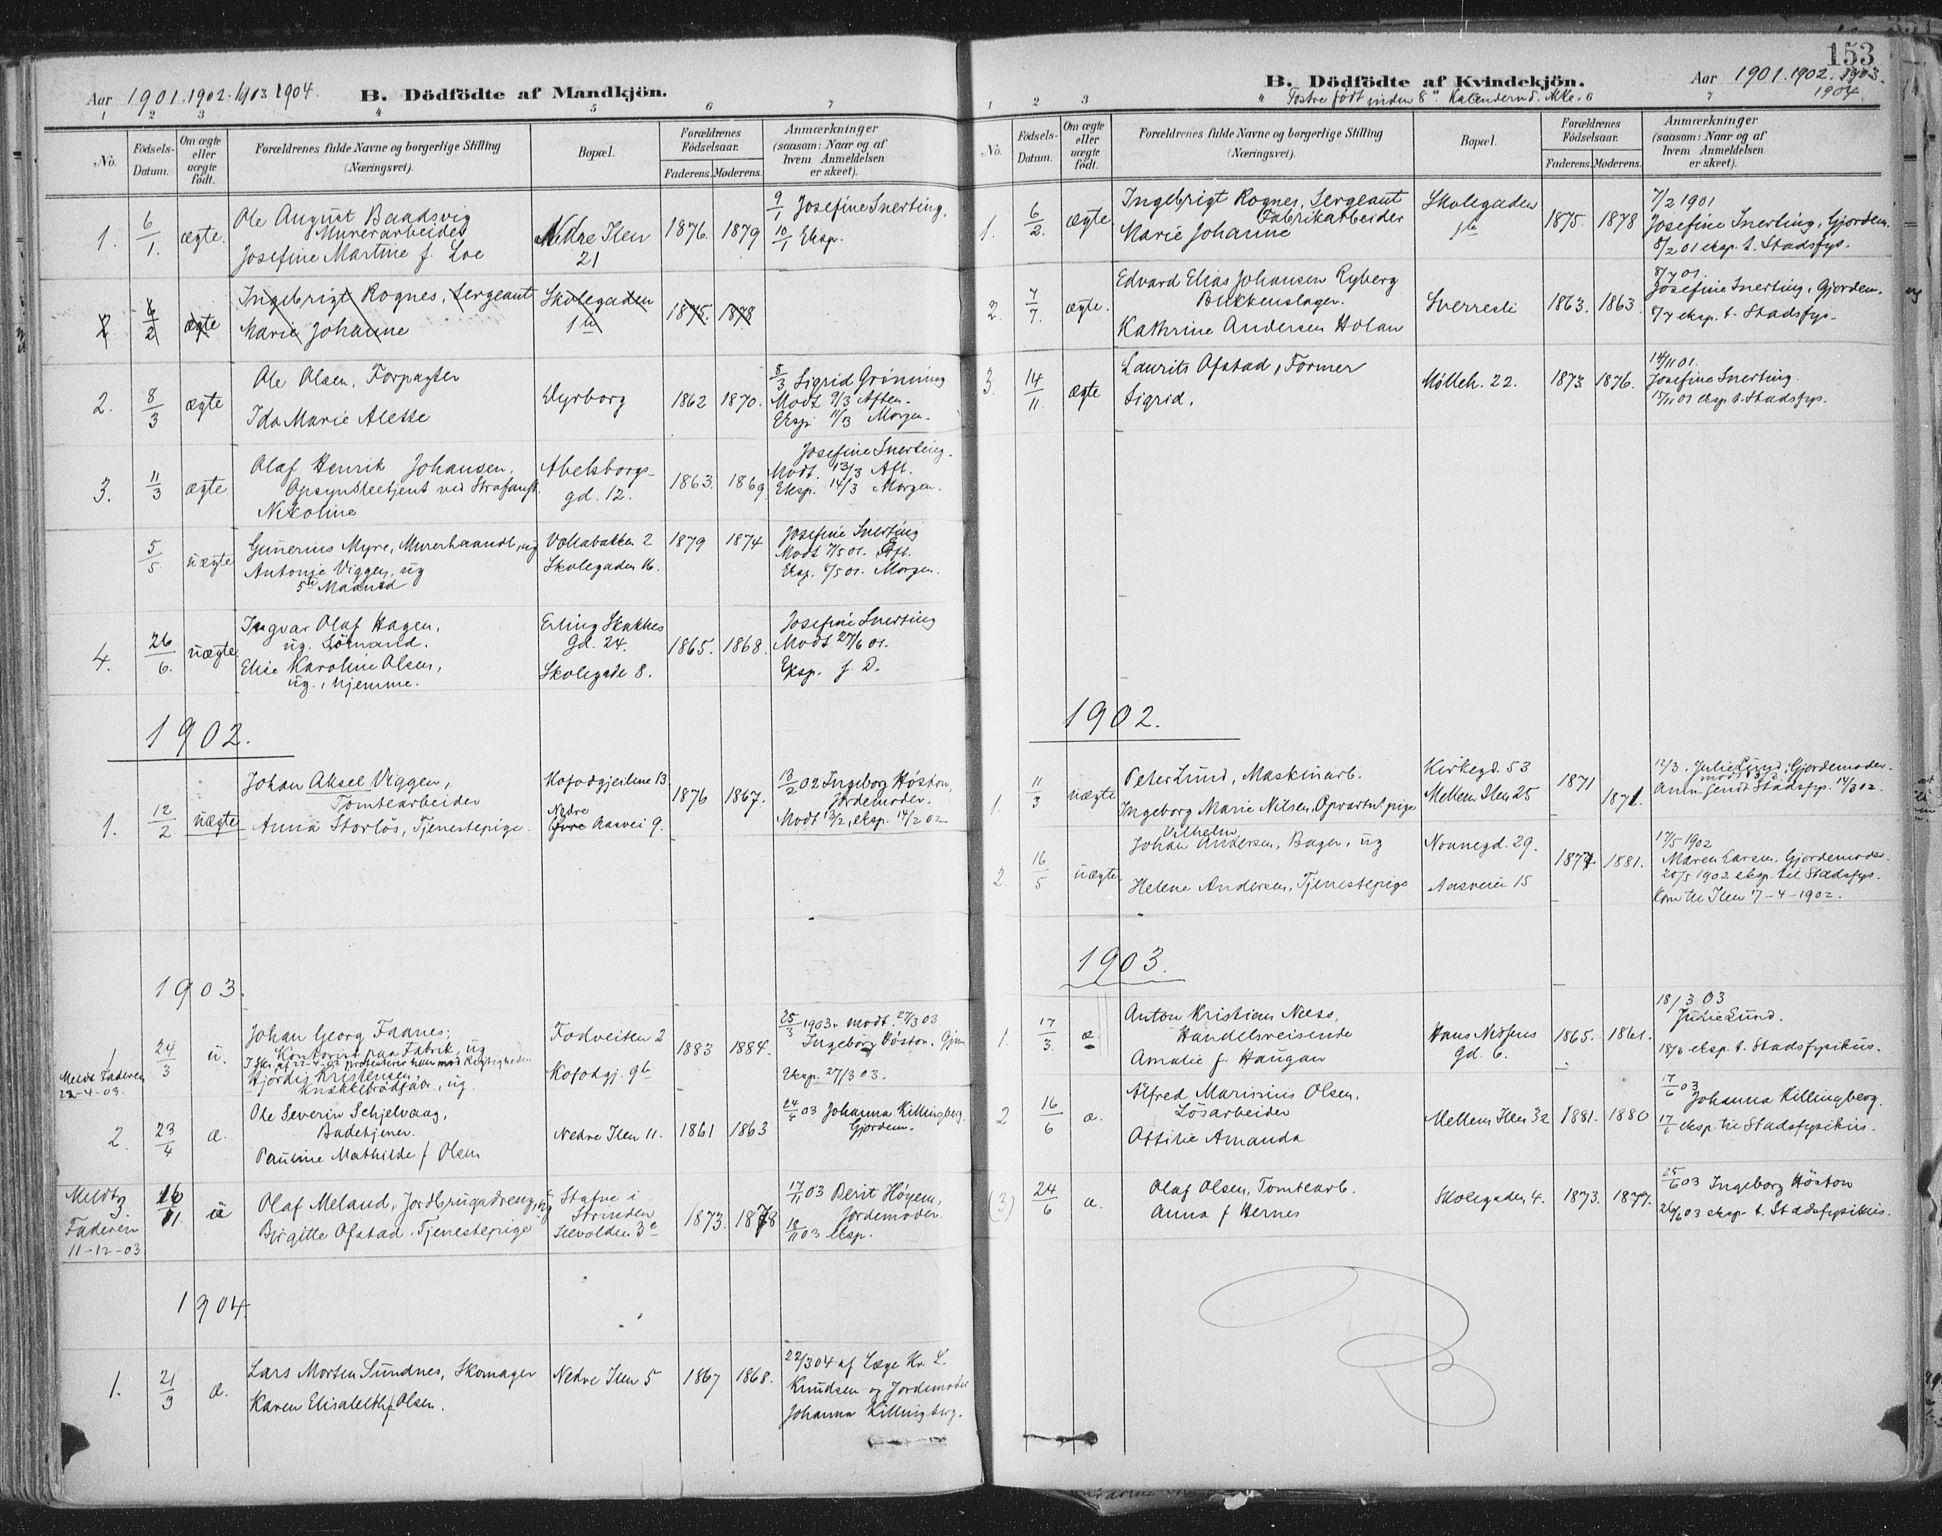 SAT, Ministerialprotokoller, klokkerbøker og fødselsregistre - Sør-Trøndelag, 603/L0167: Ministerialbok nr. 603A06, 1896-1932, s. 153